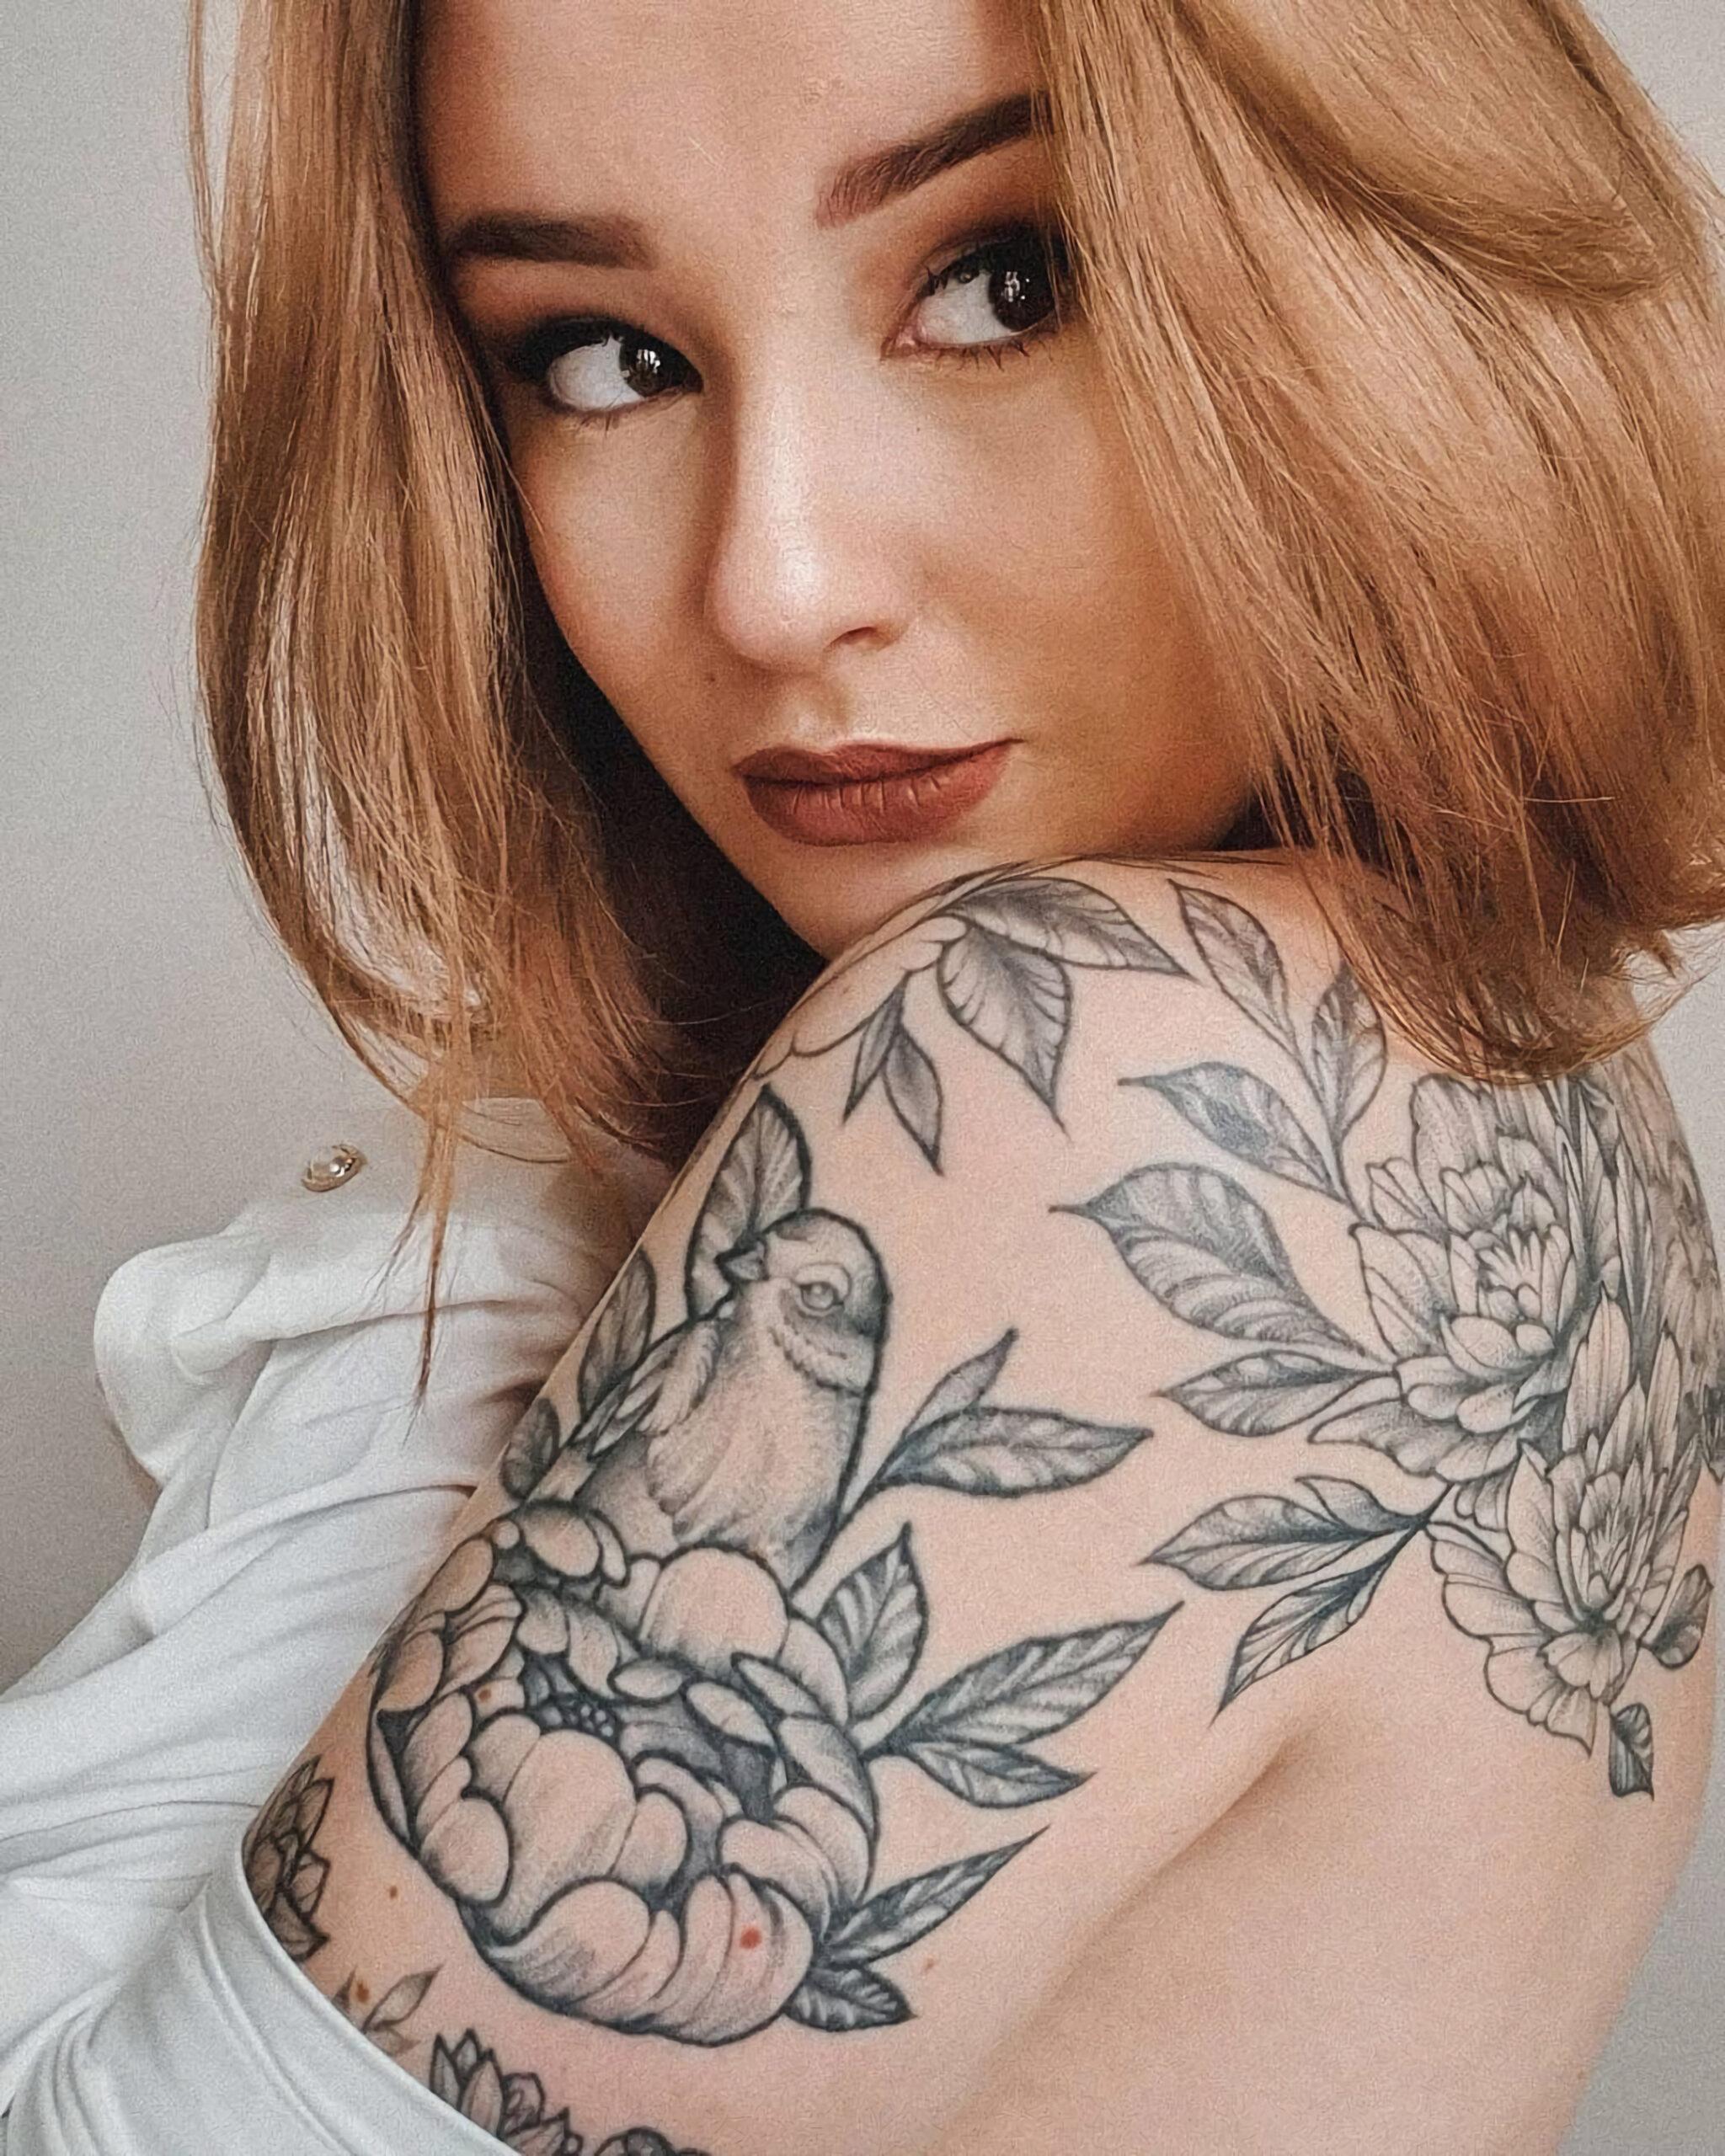 красивая татуировка птицы и цветов для девушки